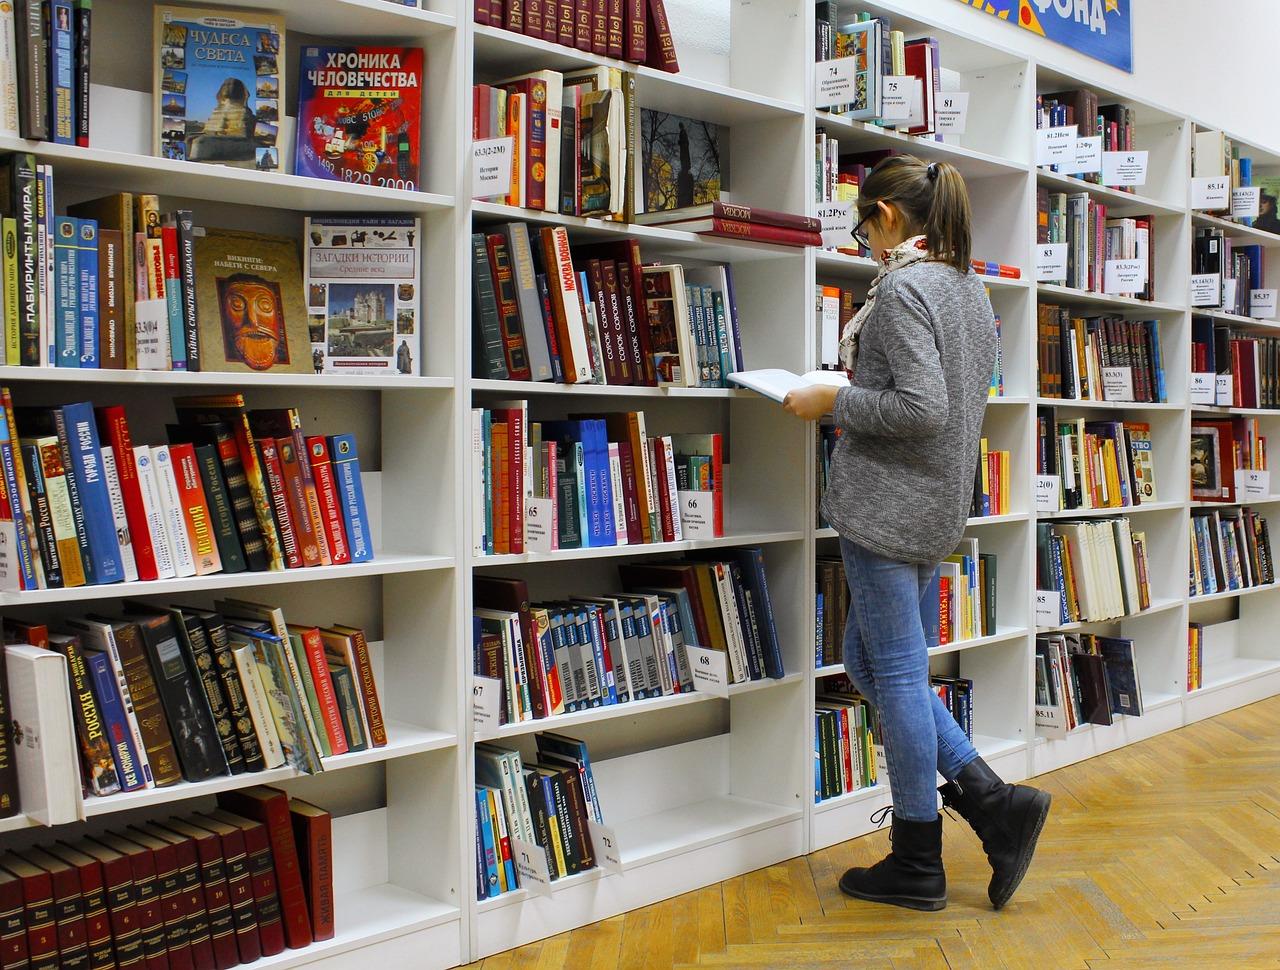 本を探す女性の画像